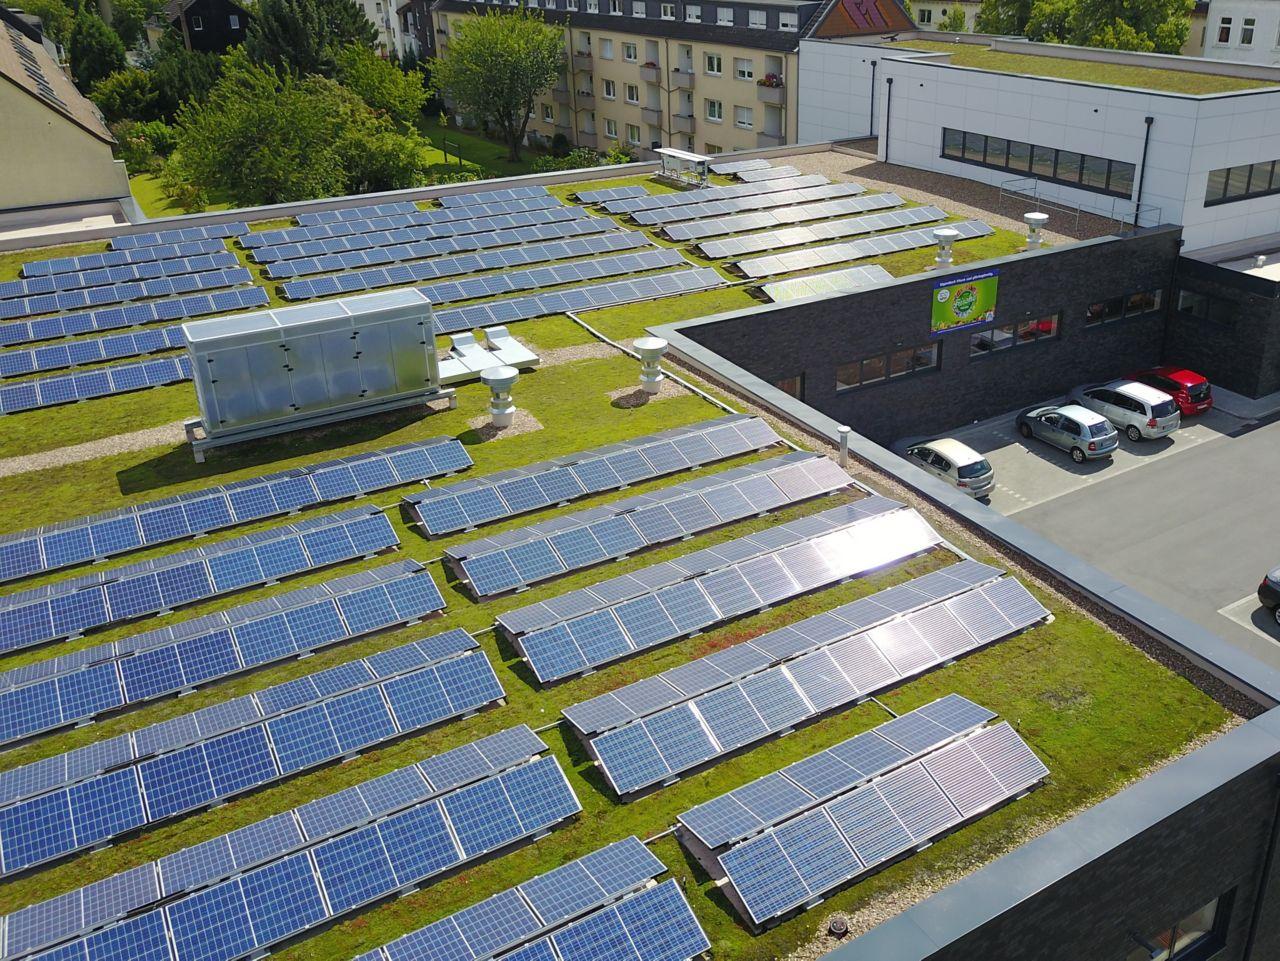 Sika SolarMount-1 appliquée en toiture solaire et végétalisé à Dortmund, Allemagne